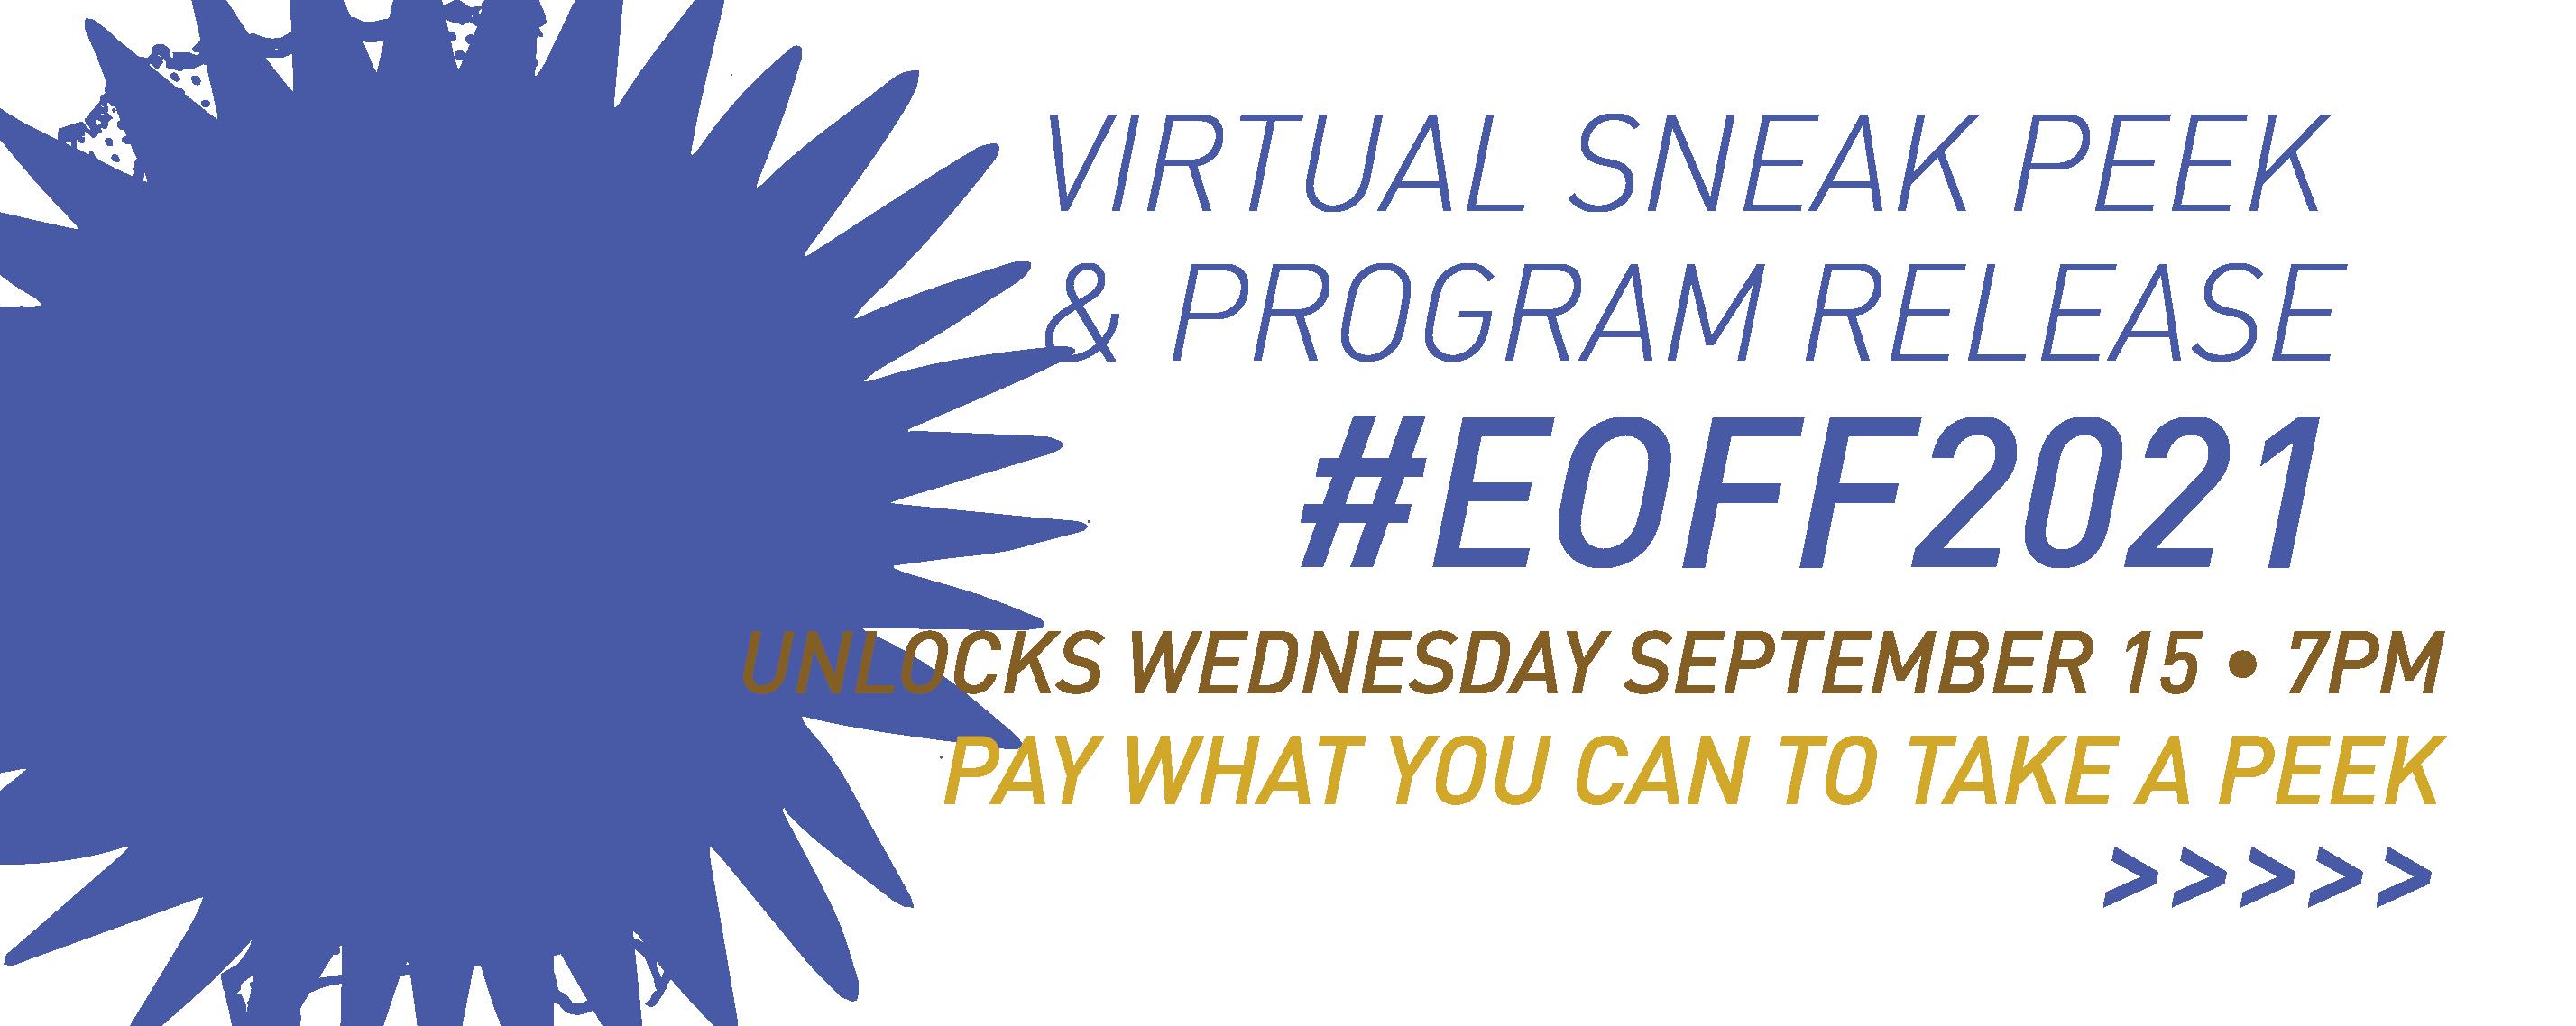 #EOFF2021 Festival Sneak Peek